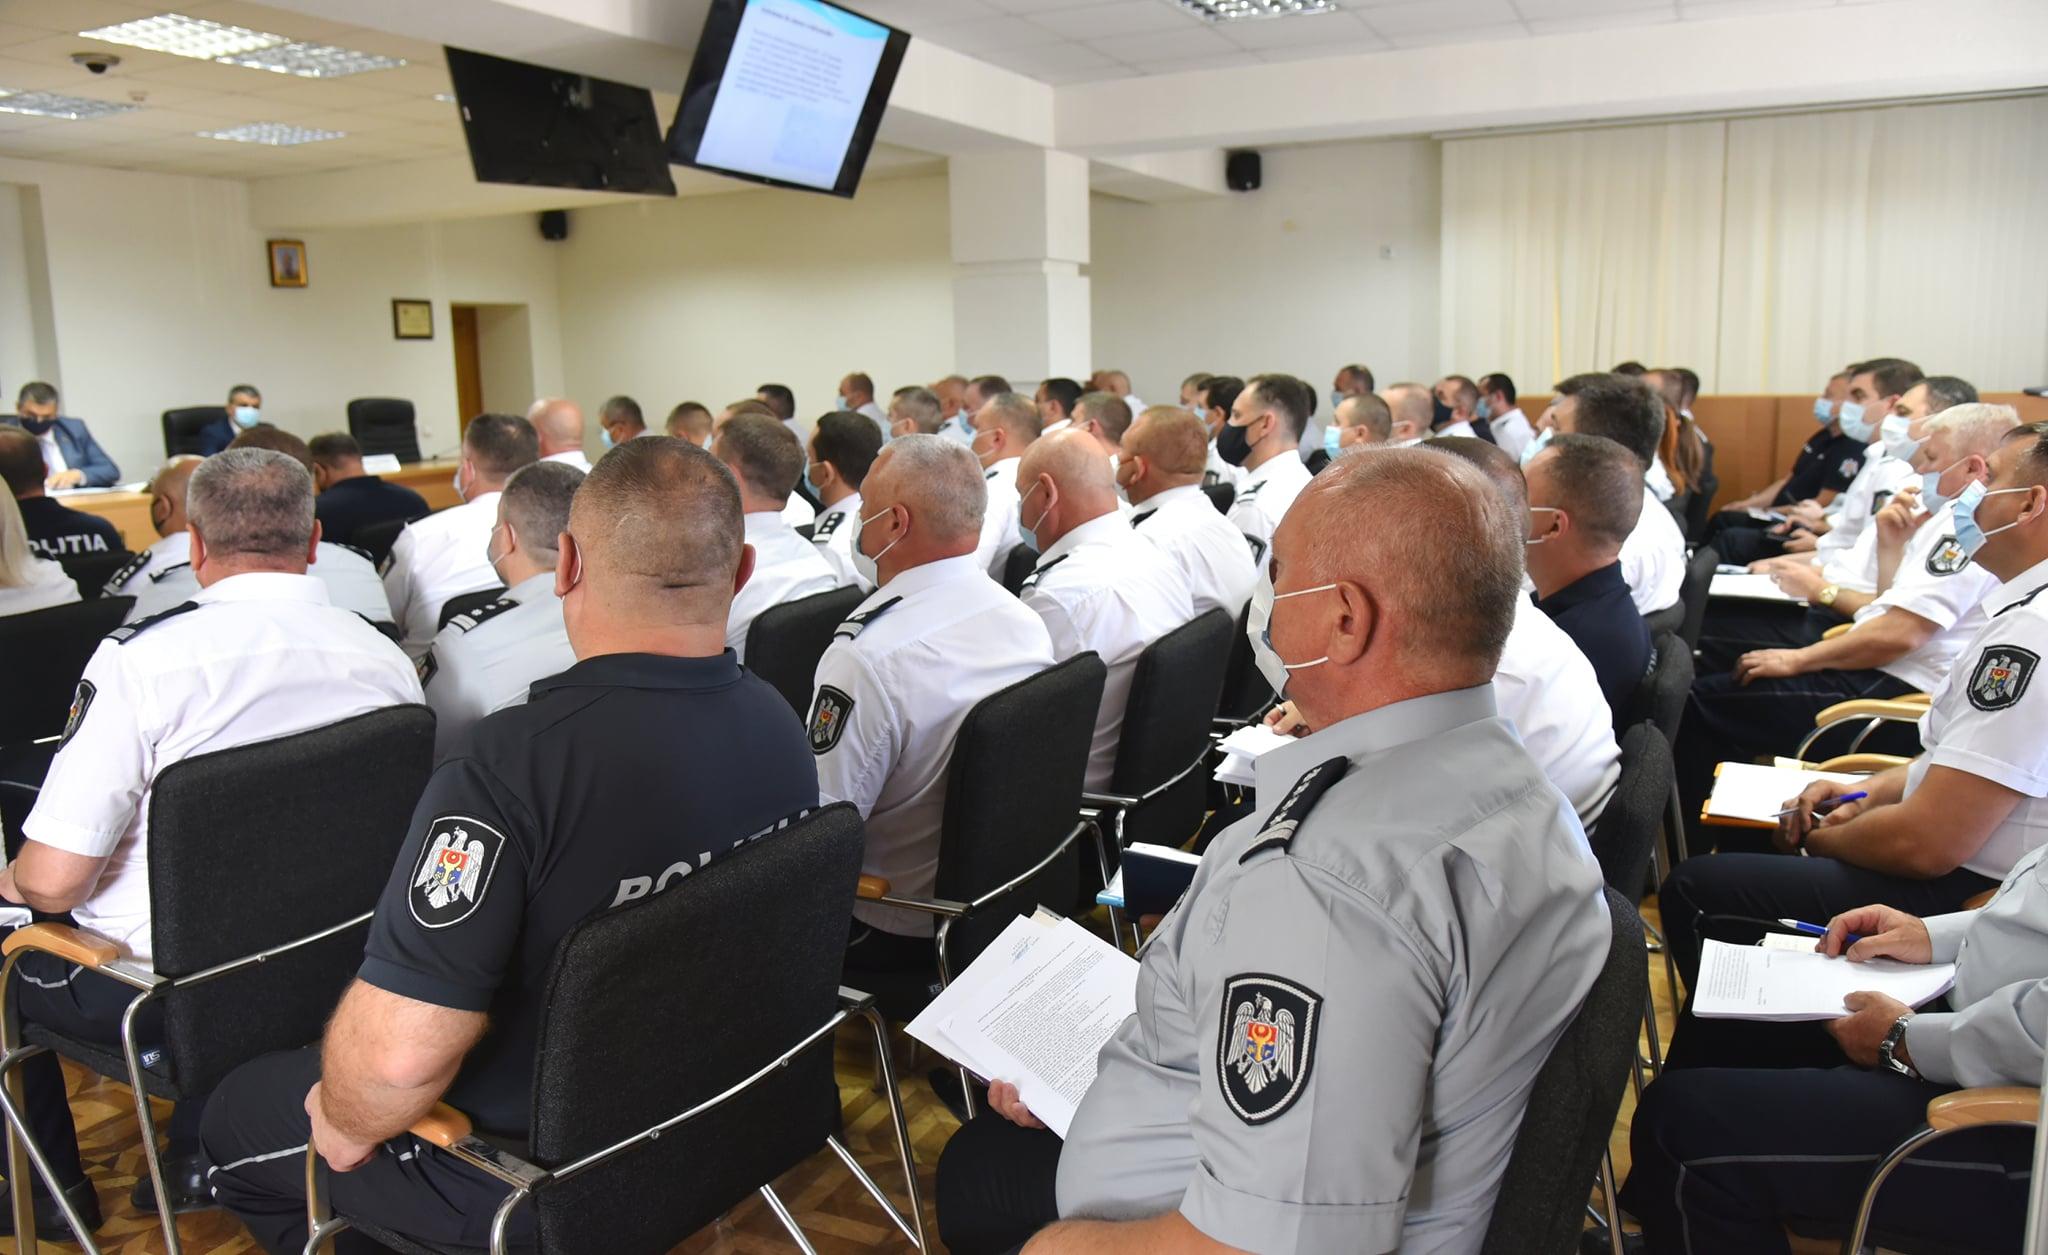 Poliția Națională – la raport! Rezultatele pentru prima jumătate din an prezentate în cadrul unei ședințe